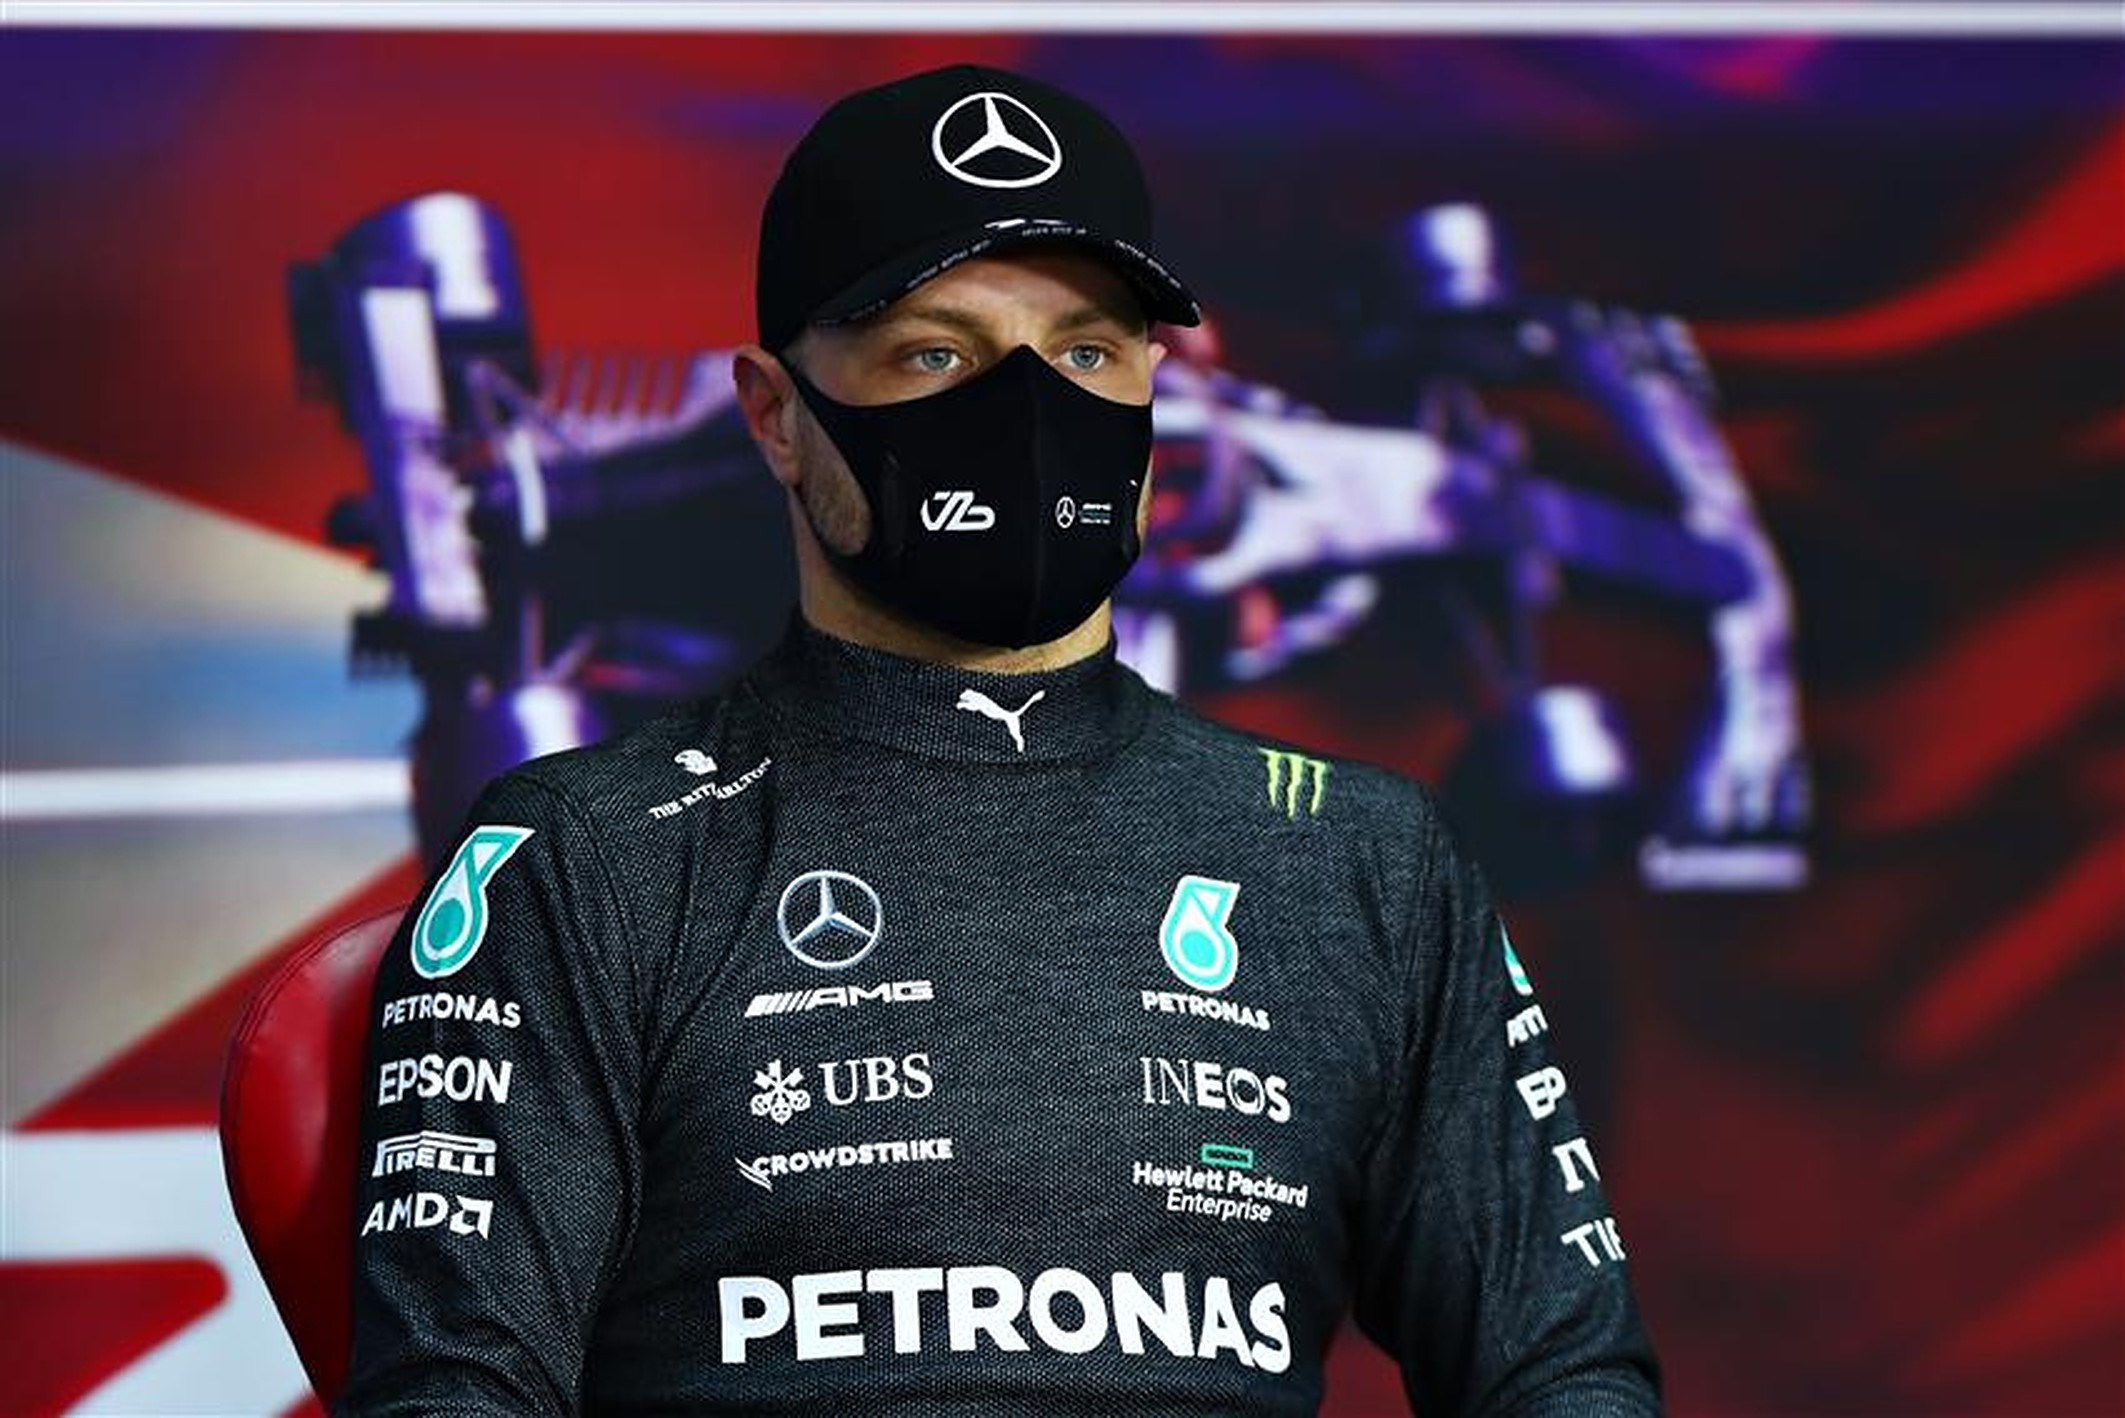 Valtteri Bottas says Mercedes are sandbagging - Formula1News.co.uk